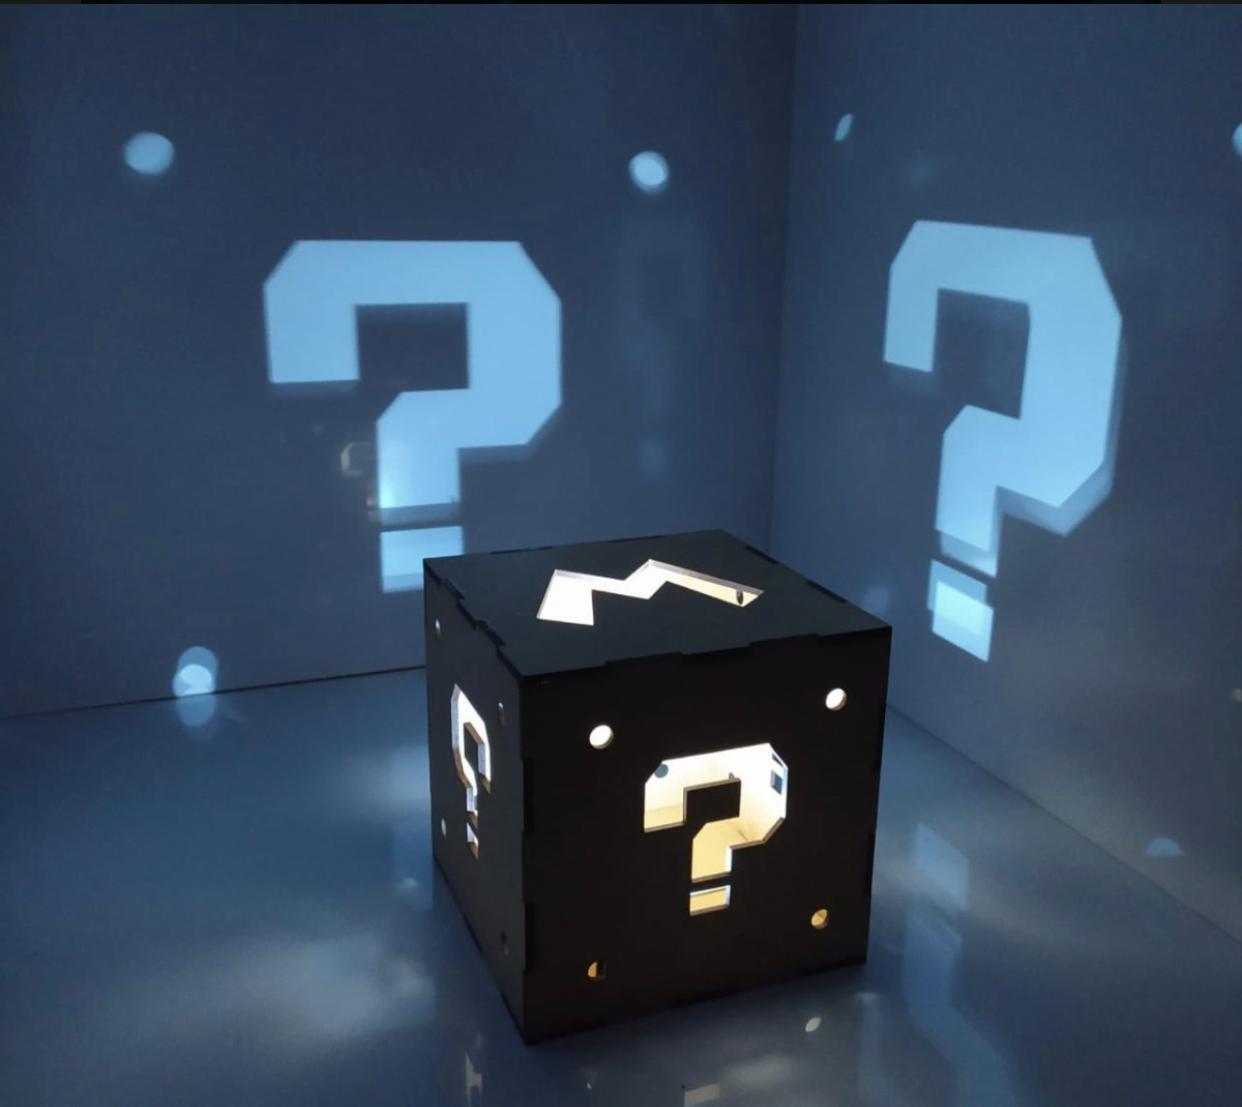 Luminária/Abajur Cubo Caixa Luz Branca Mario: Mario Bros. (De Mesa)